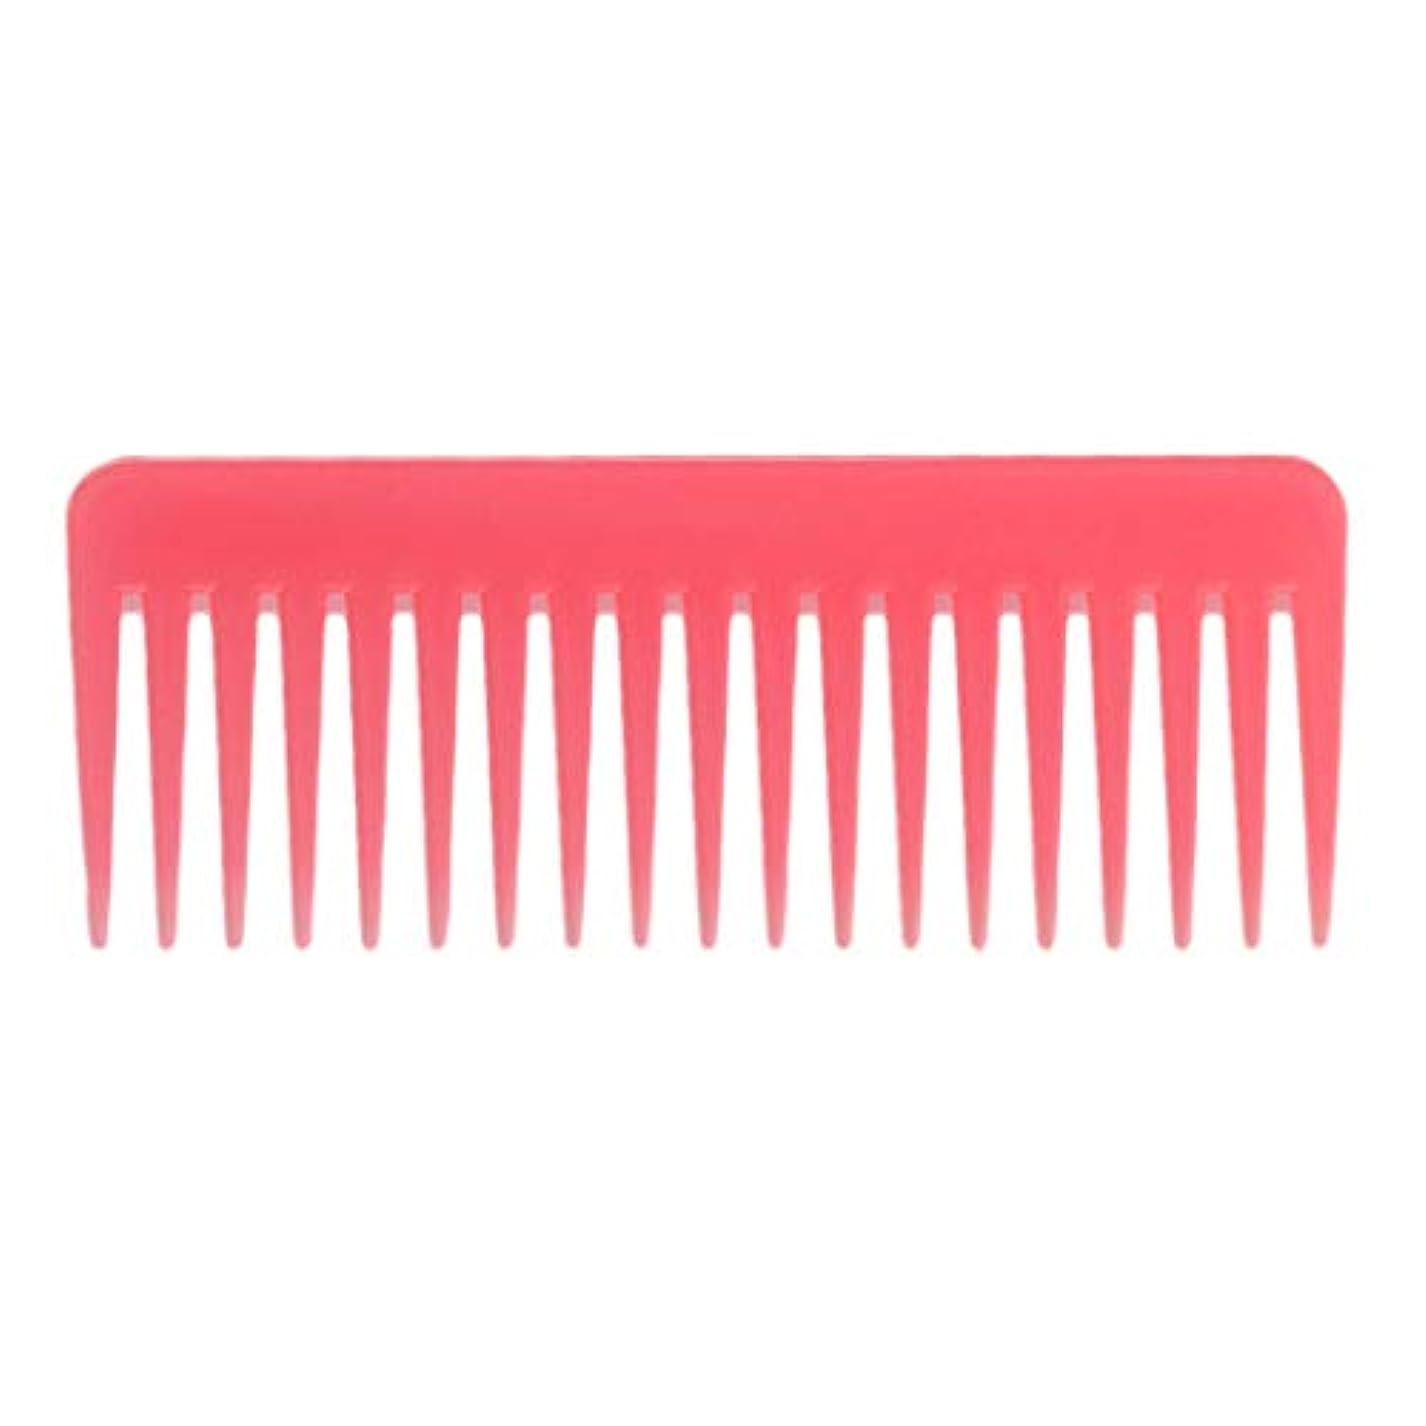 晴れアナリストごめんなさい巻き毛の太い髪用の広い歯のもつれのくしサロンシャンプーヘアブラシくし、6.1 ' - ピンク